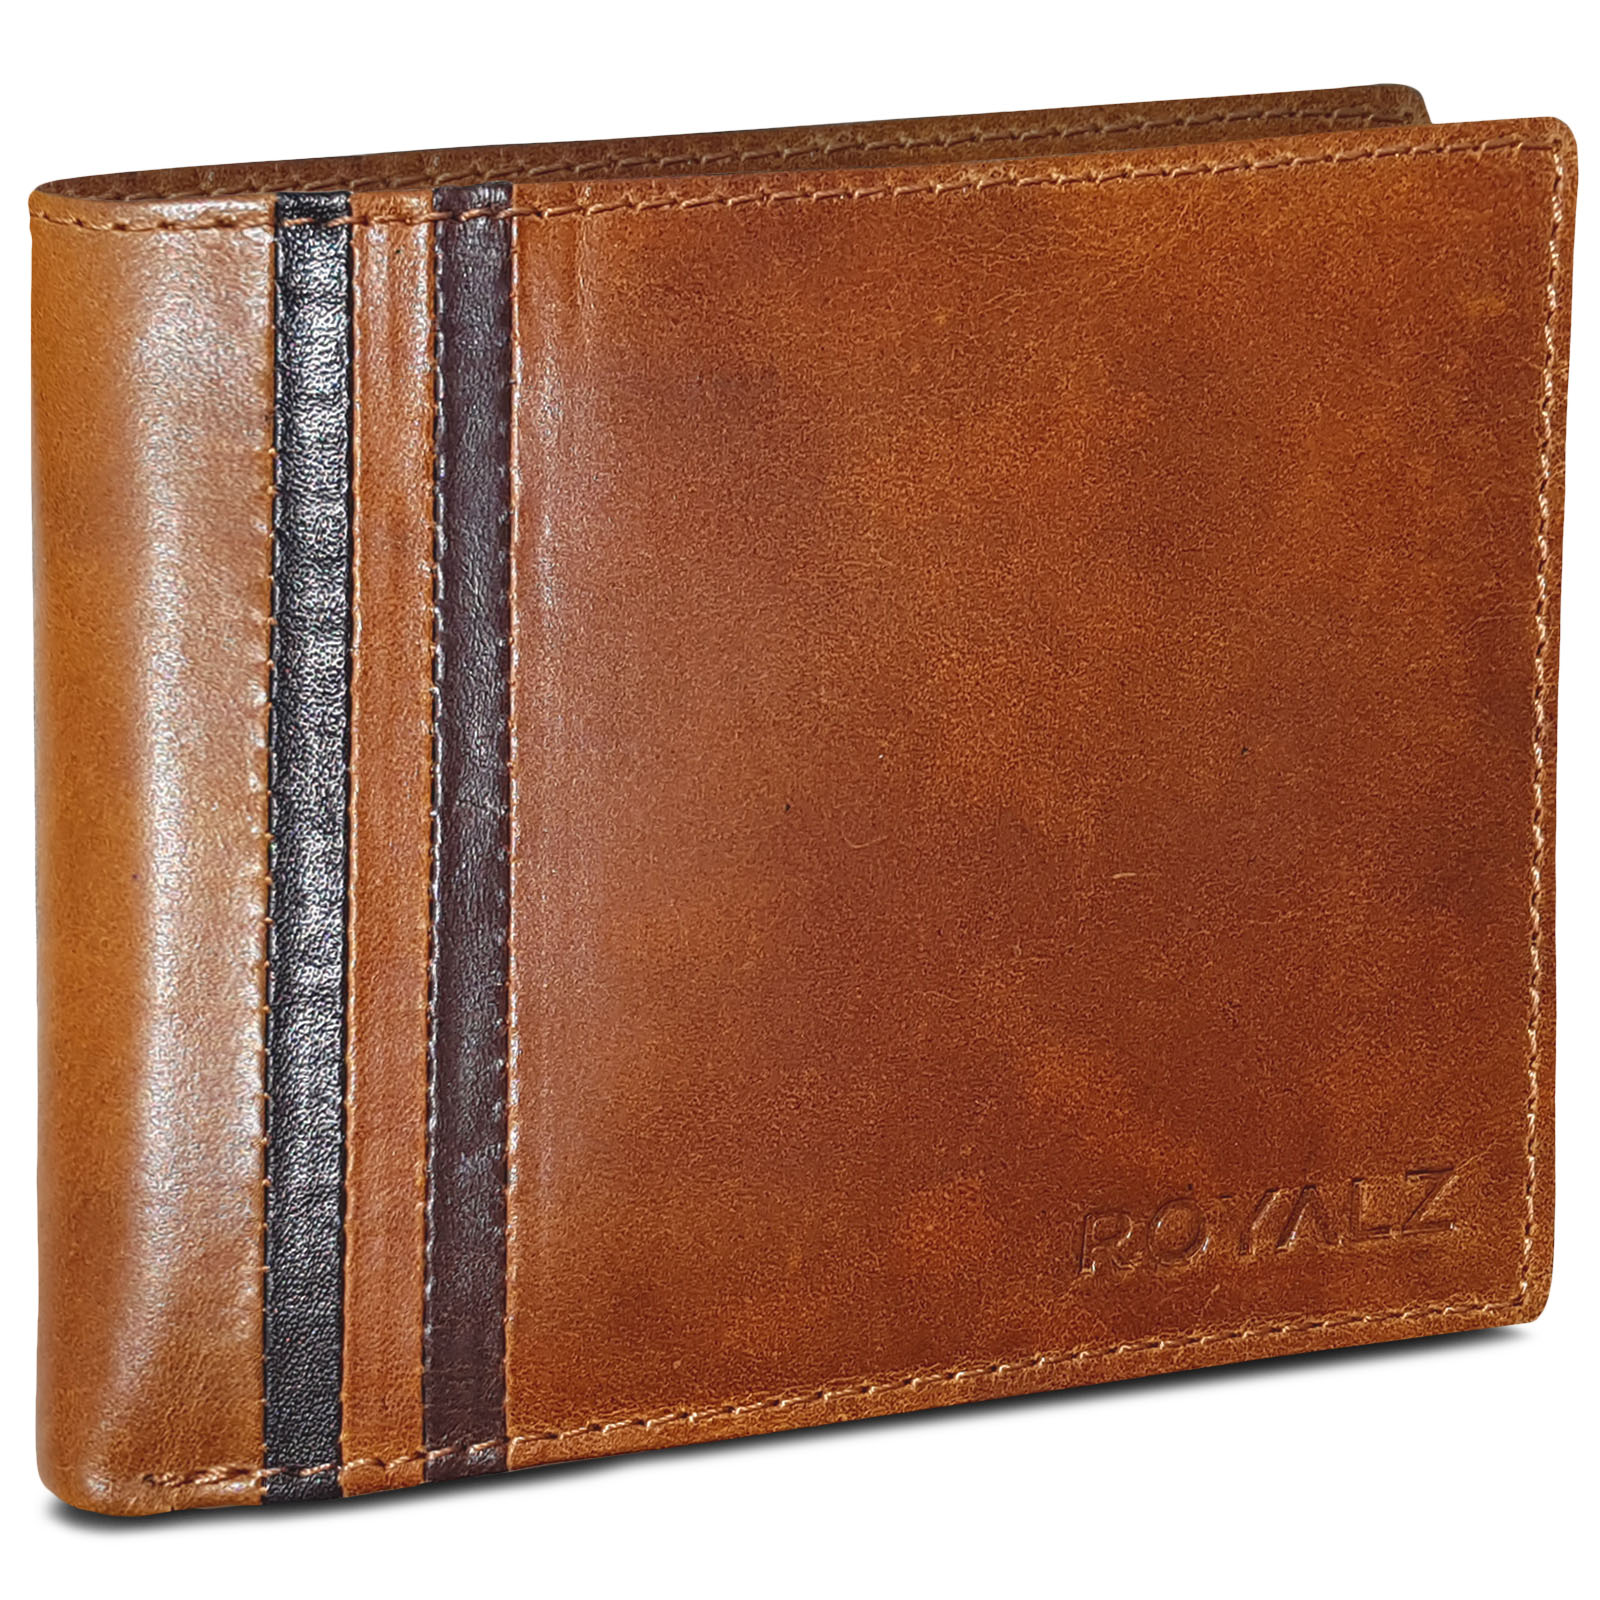 d3133f010fe14 ROYALZ Leder Portemonnaie für Herren Geldbörse Vintage Geldbeutel Portmonee  Etui 8 Kartenfächer Vintage